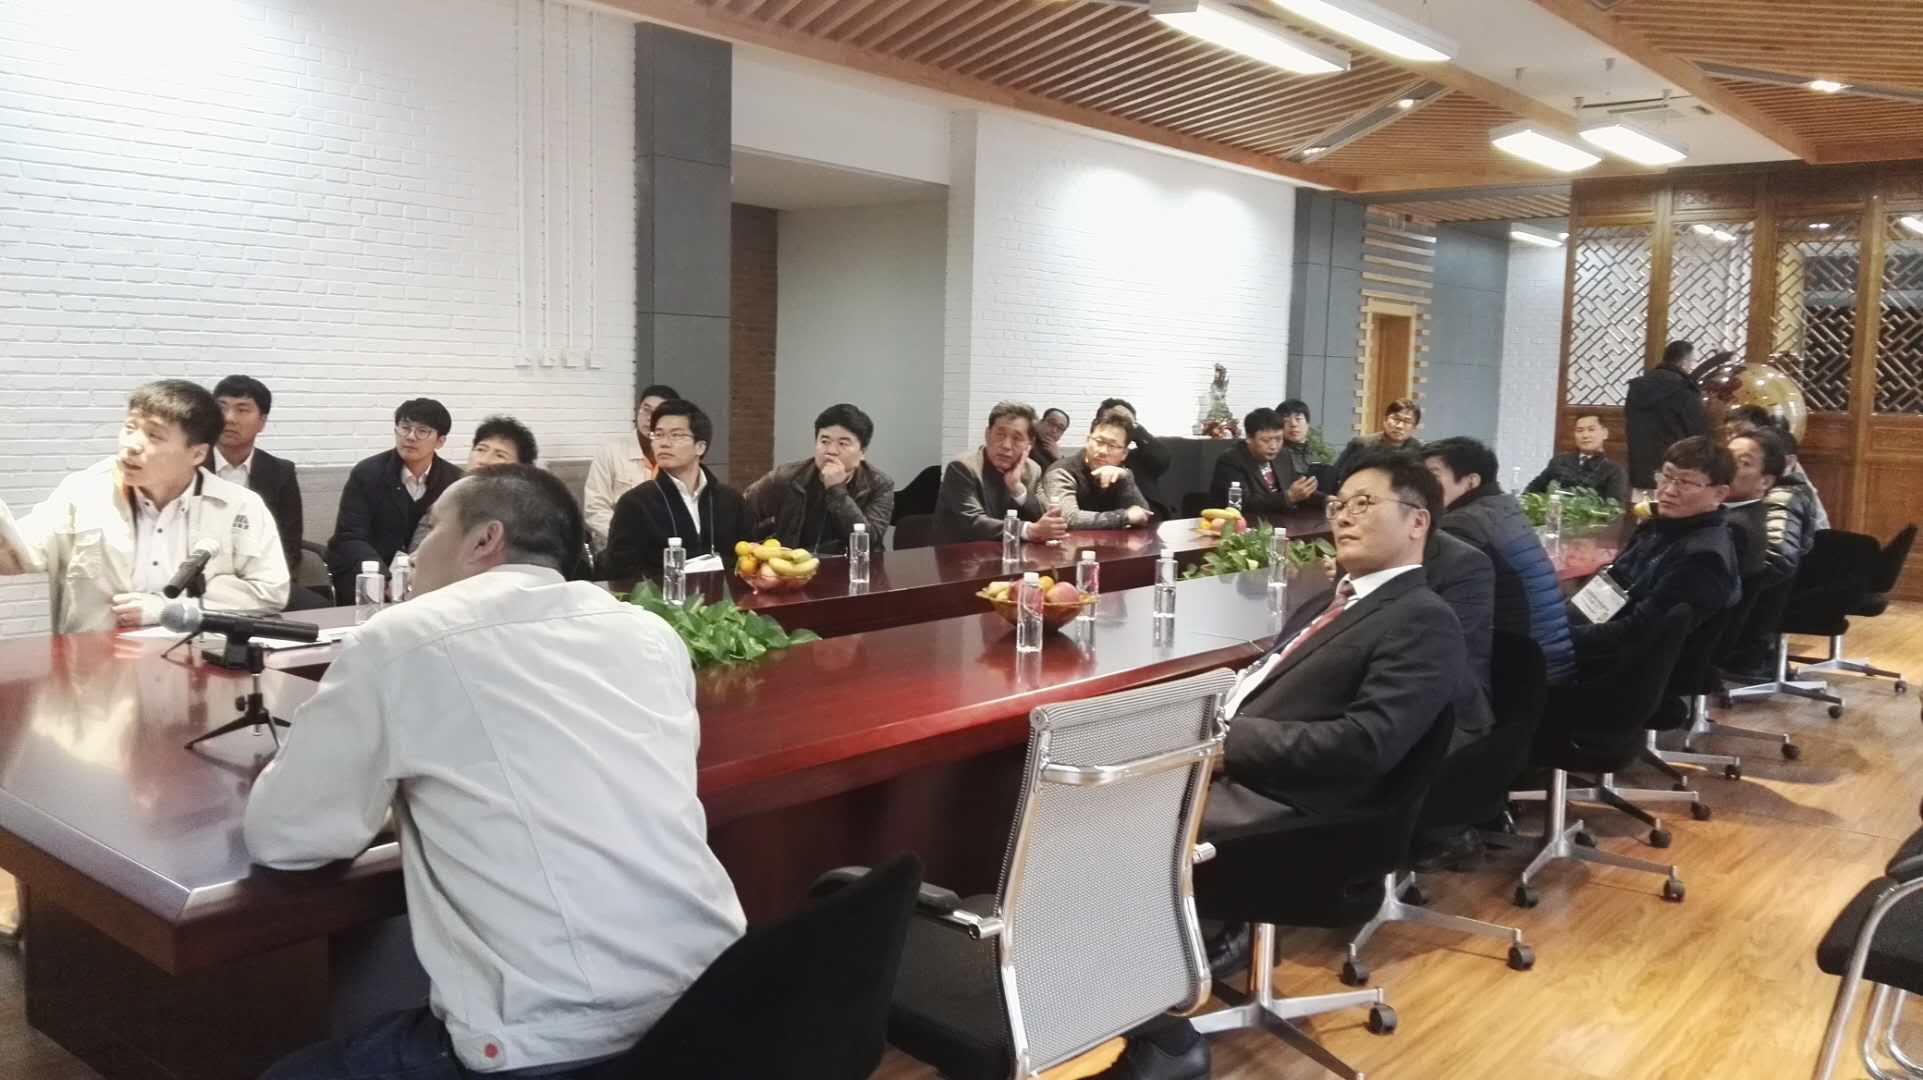 海克机床迎接沈阳机床集团及韩华代表团莅临访问|资讯动态-沈阳海克机床有限企业